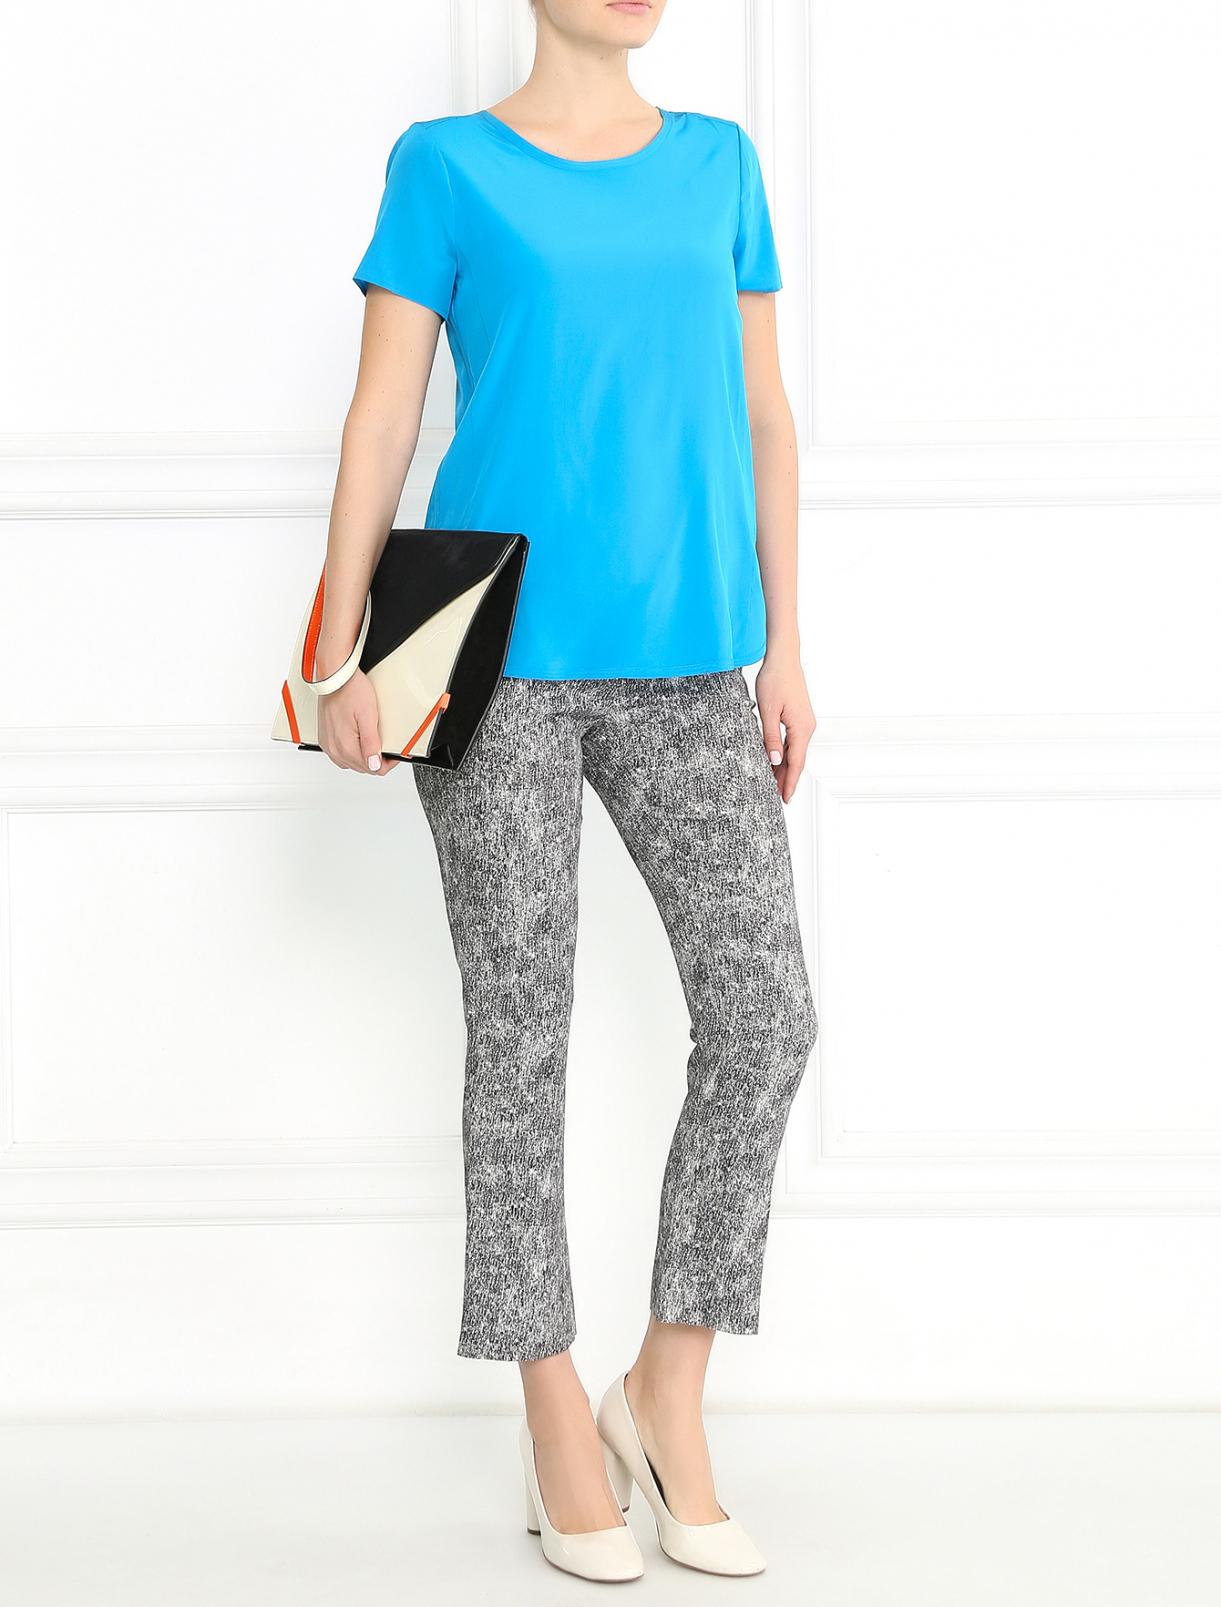 Узкие брюки с узором Sportmax  –  Модель Общий вид